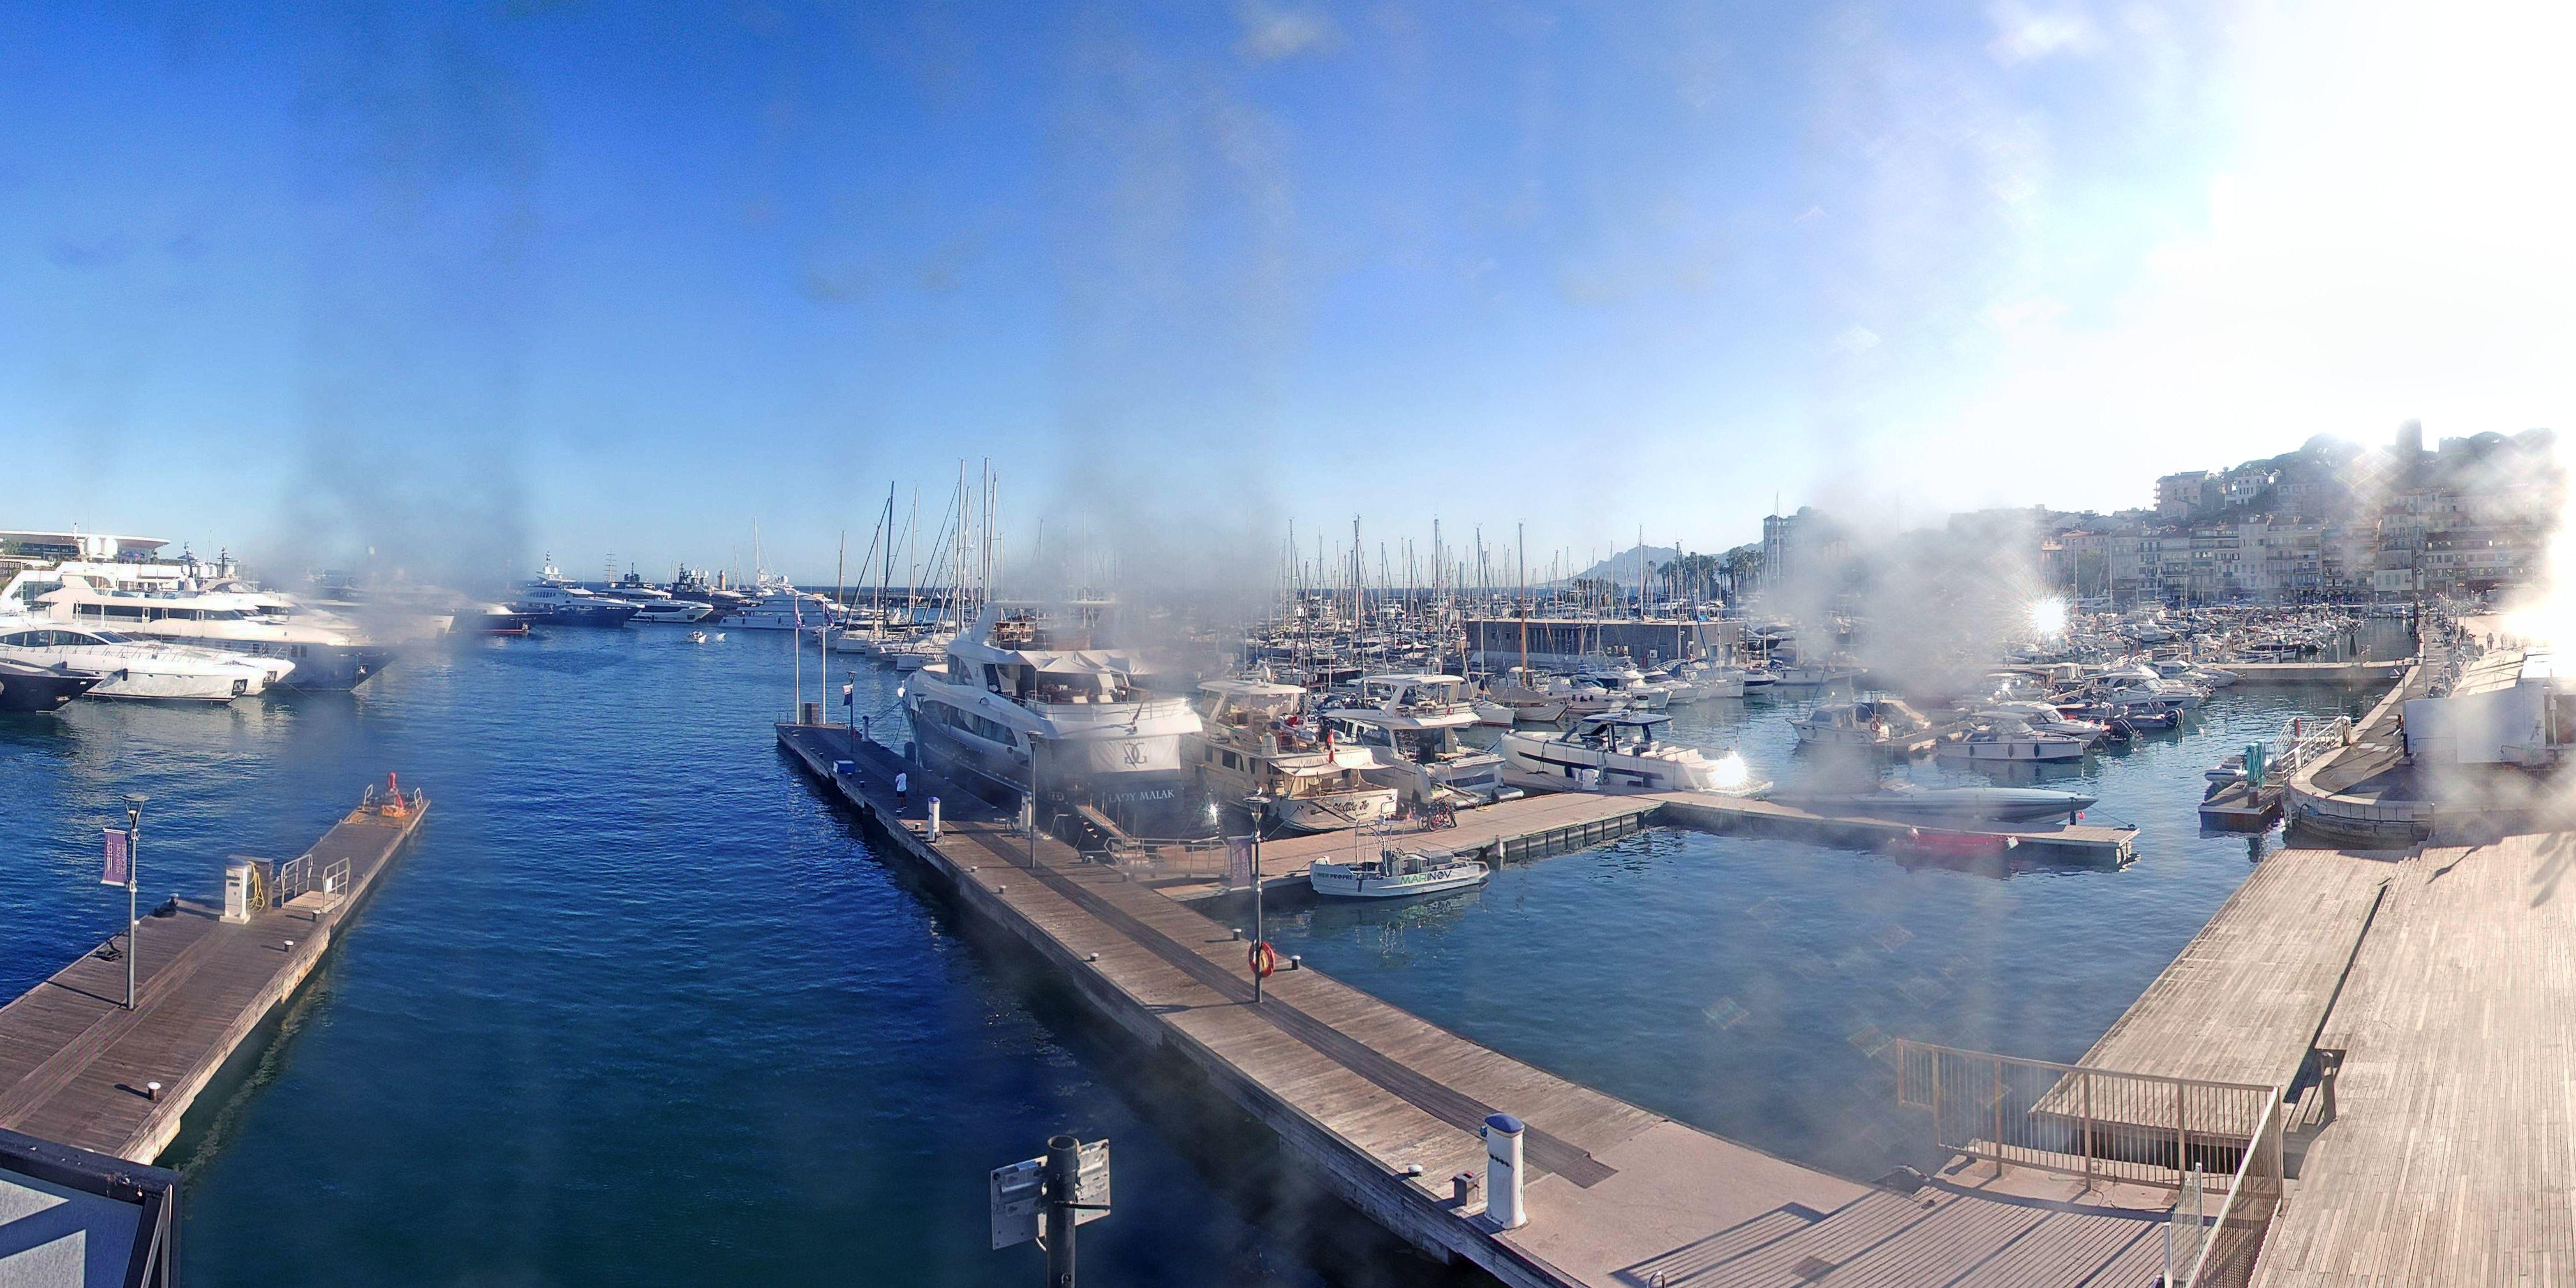 Cannes Di. 20:36